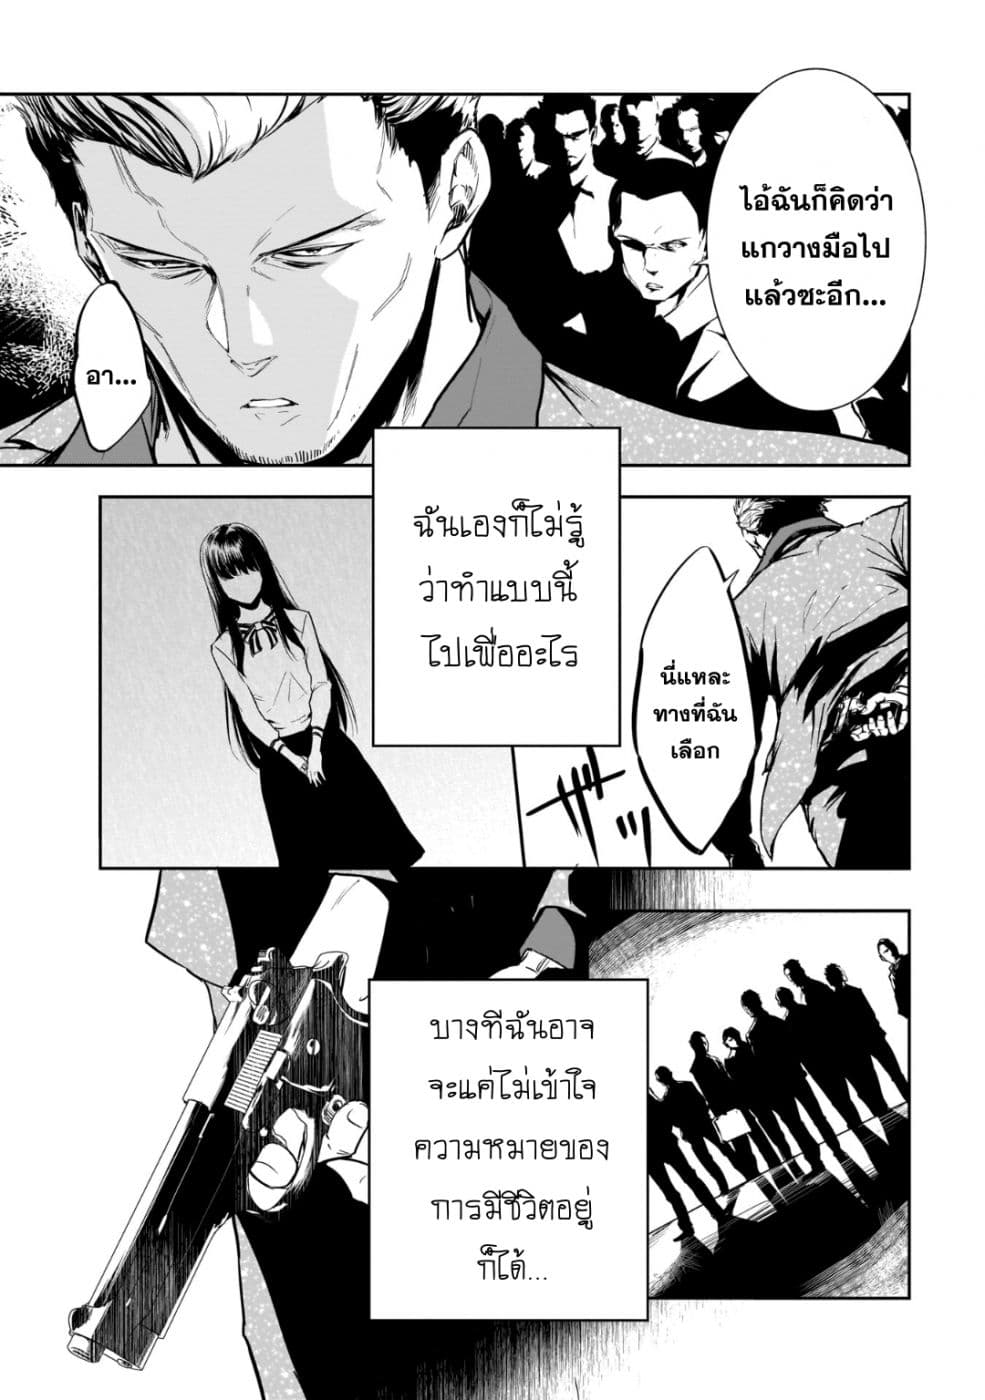 อ่านการ์ตูน Kanojo Gacha ตอนที่ 11 หน้าที่ 21